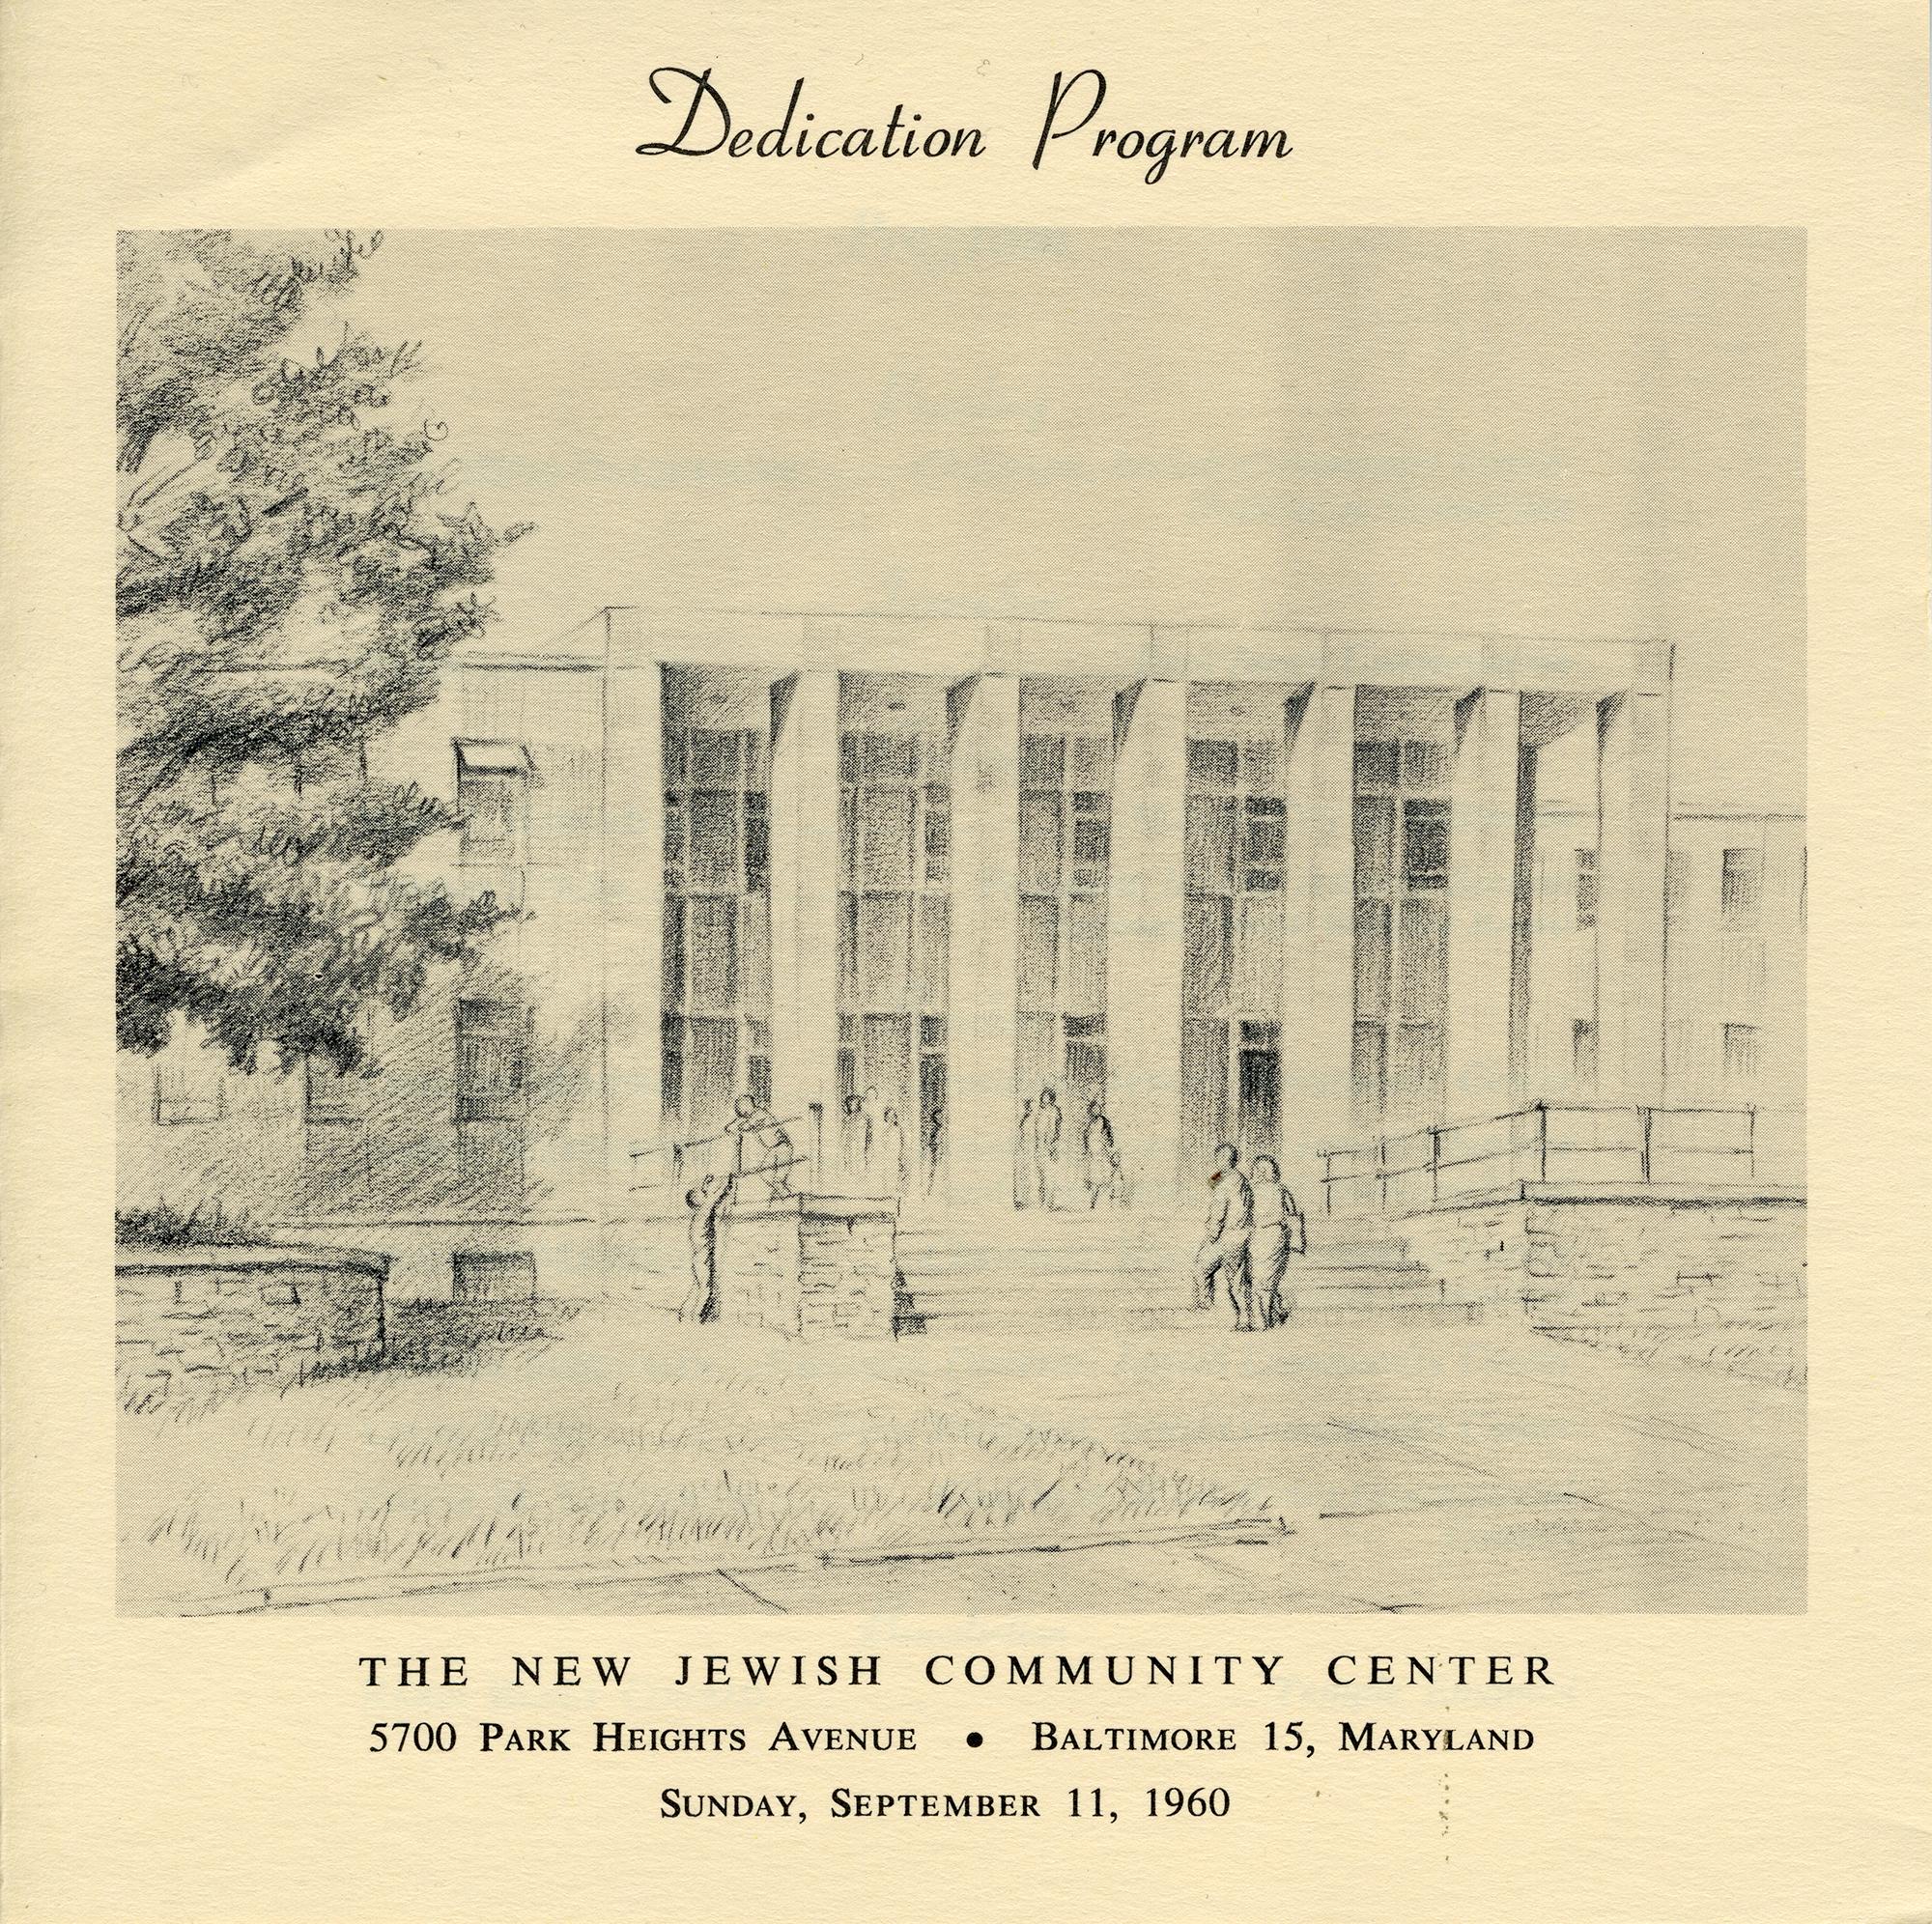 1960 image